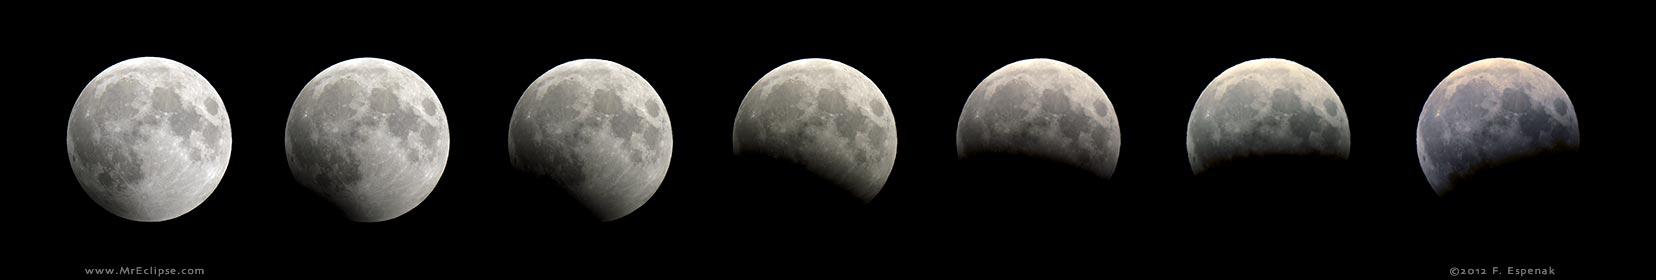 PLE2012 partial eclipse